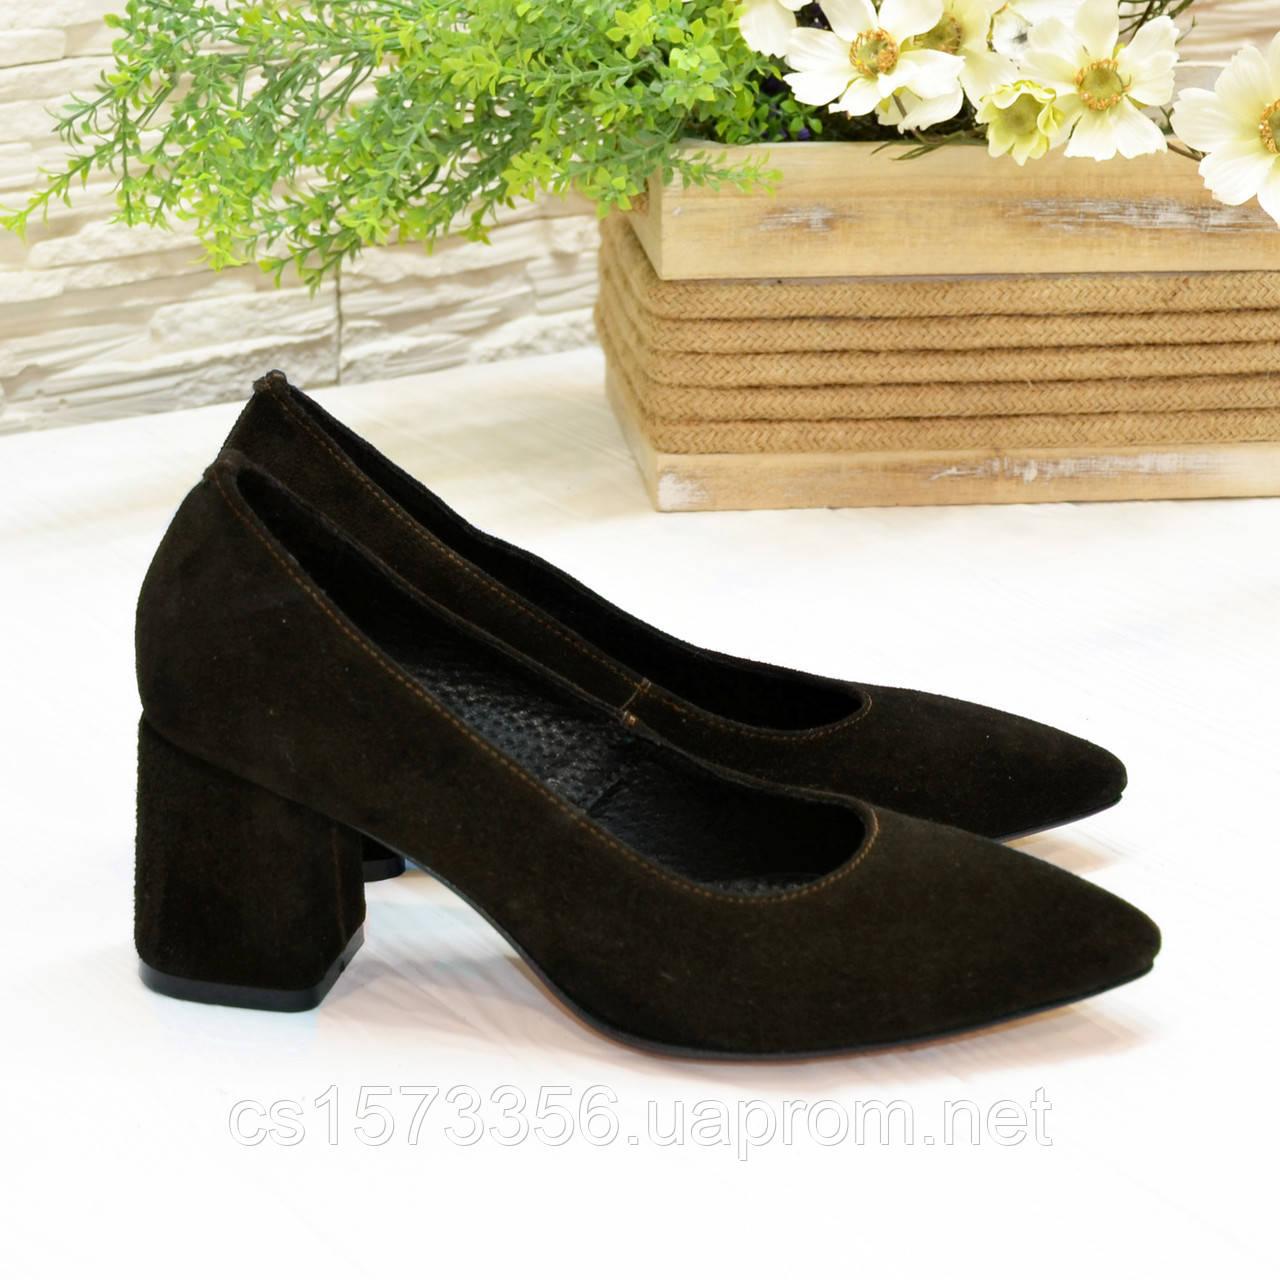 Туфли женские замшевые на устойчивом каблуке, цвет коричневый